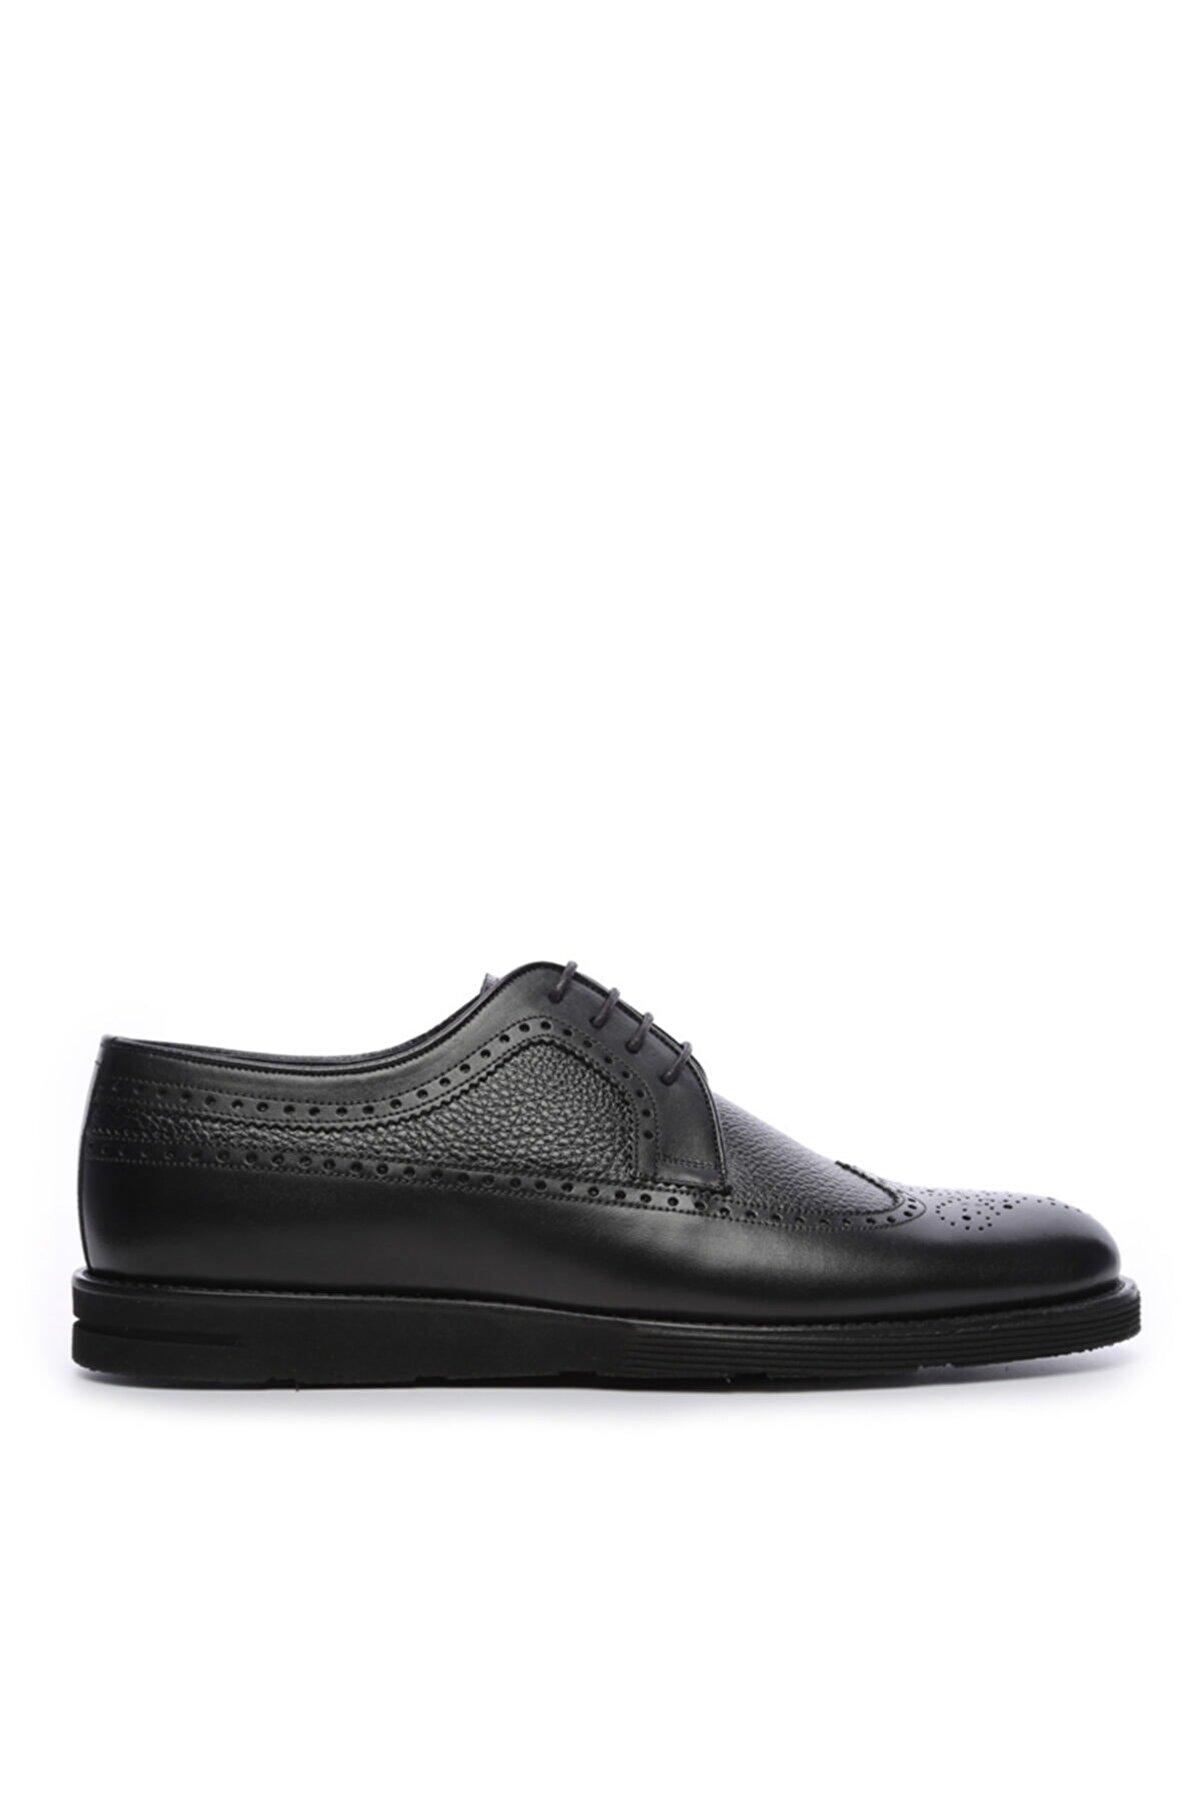 Kemal Tanca Erkek Derı Klasik Ayakkabı 183 13906 Ev Erk Ayk Y19